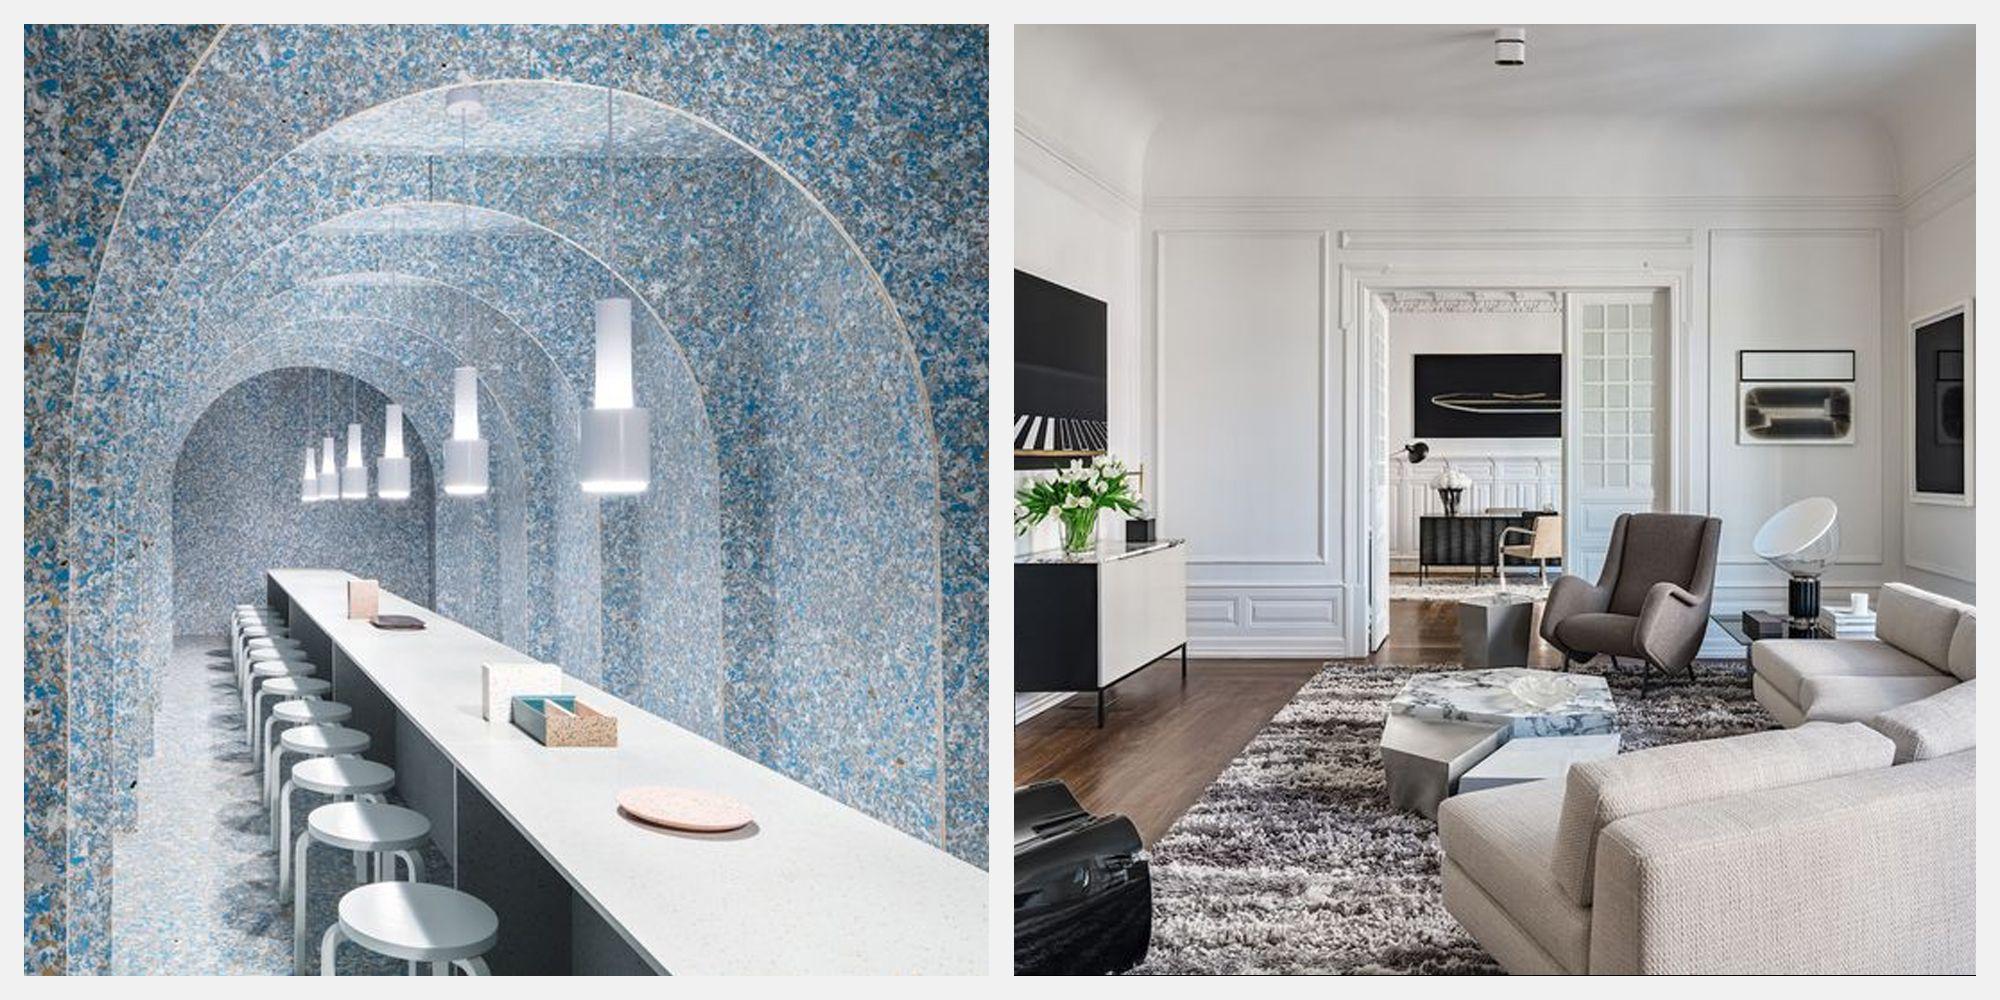 best interior design trends around the